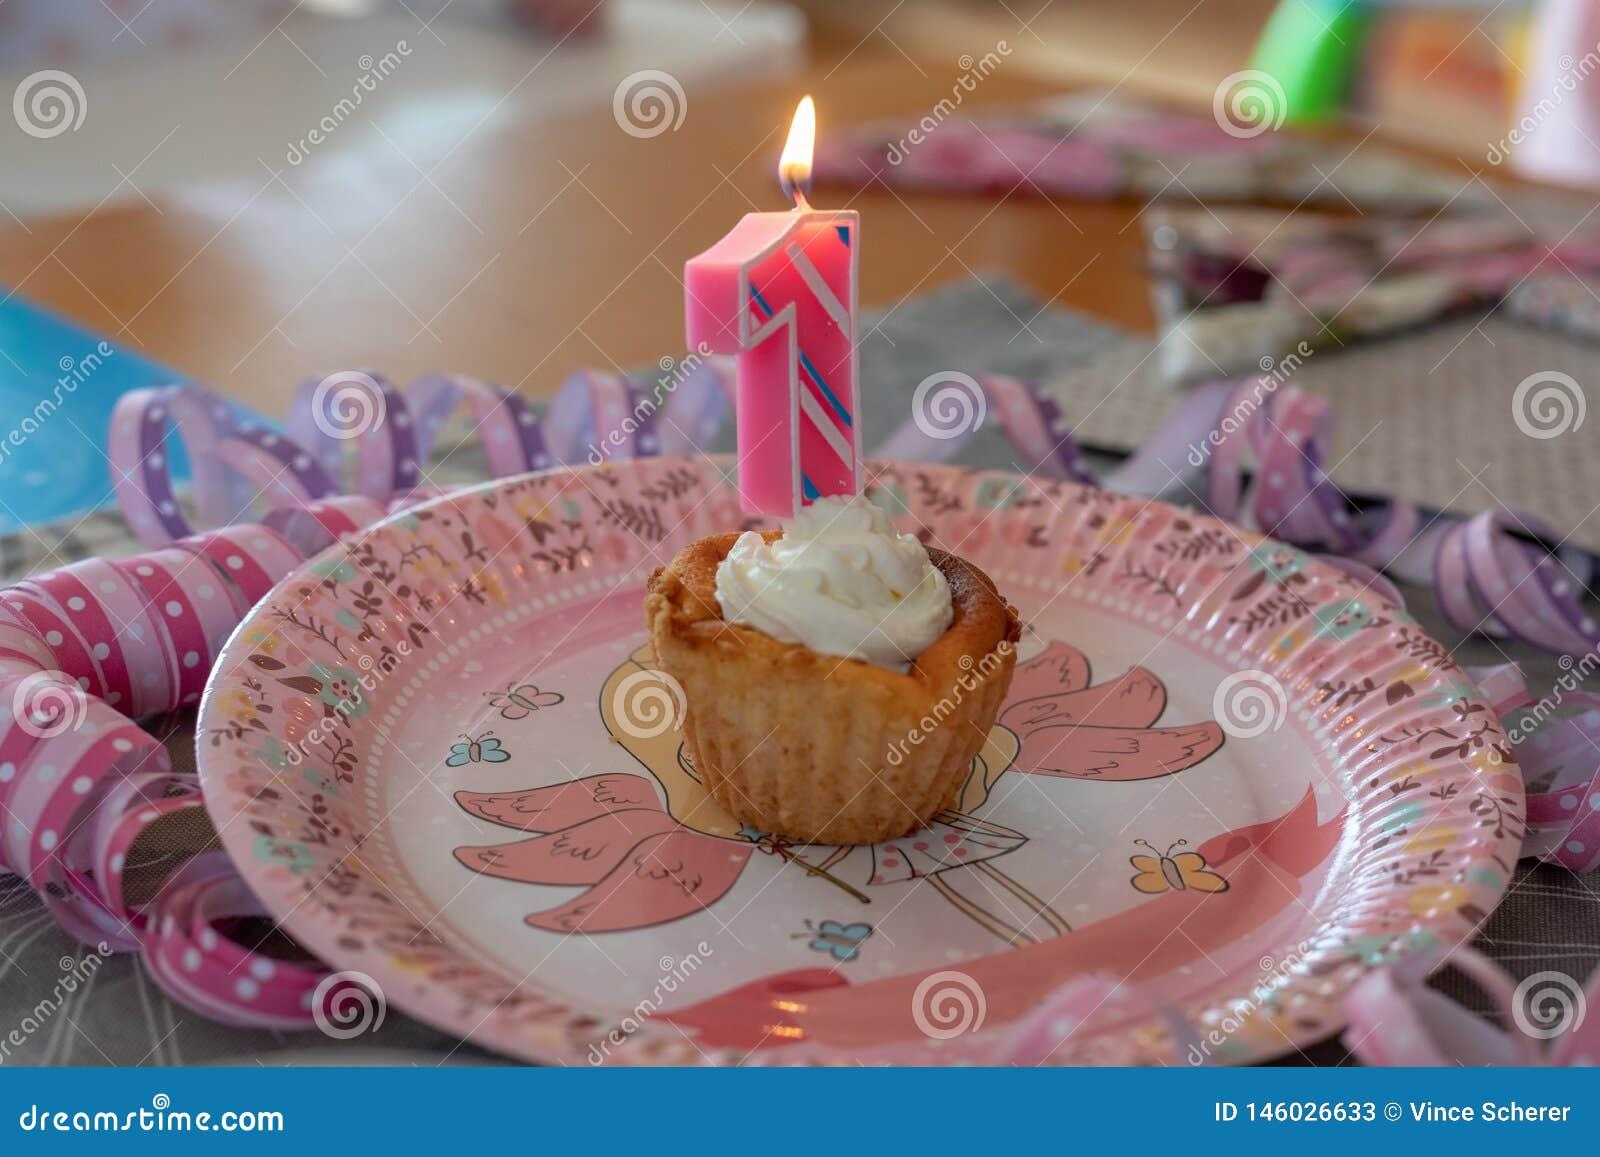 Numéro 1 Bougie D Anniversaire Dans Un Petit Gâteau Image